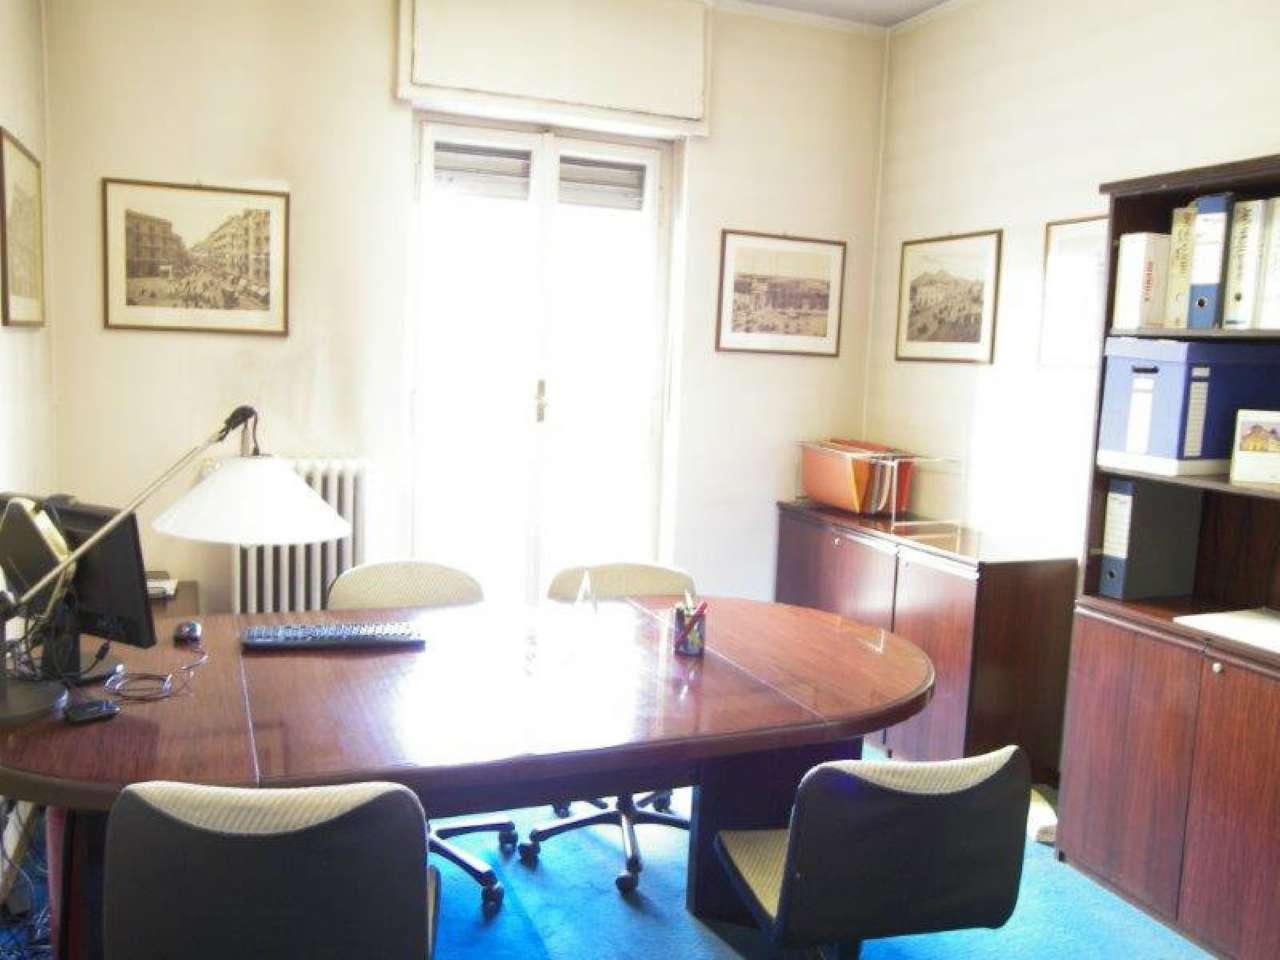 Negozio / Locale in affitto a Torino, 2 locali, zona Zona: 7 . Santa Rita, prezzo € 590 | Cambio Casa.it